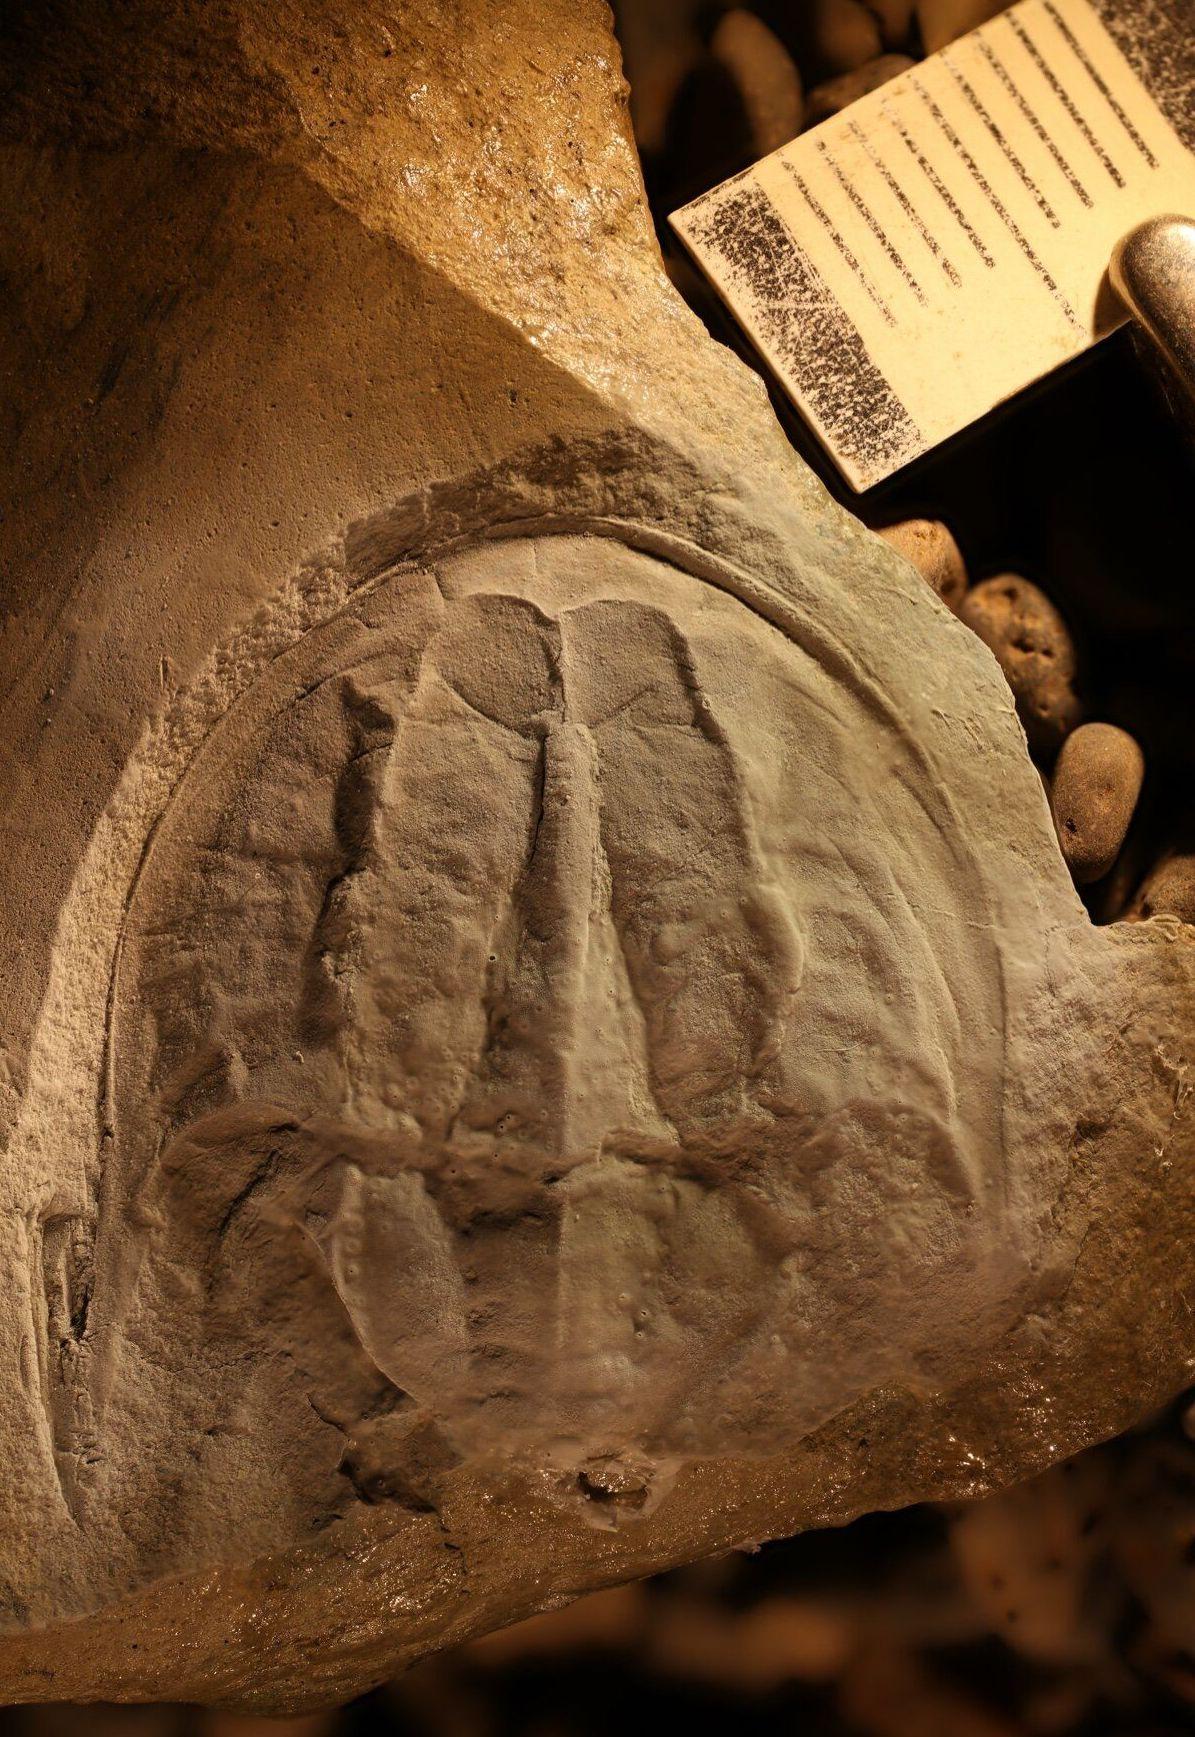 O fóssil, pertencente à coleção da Universidade da Tasmânia